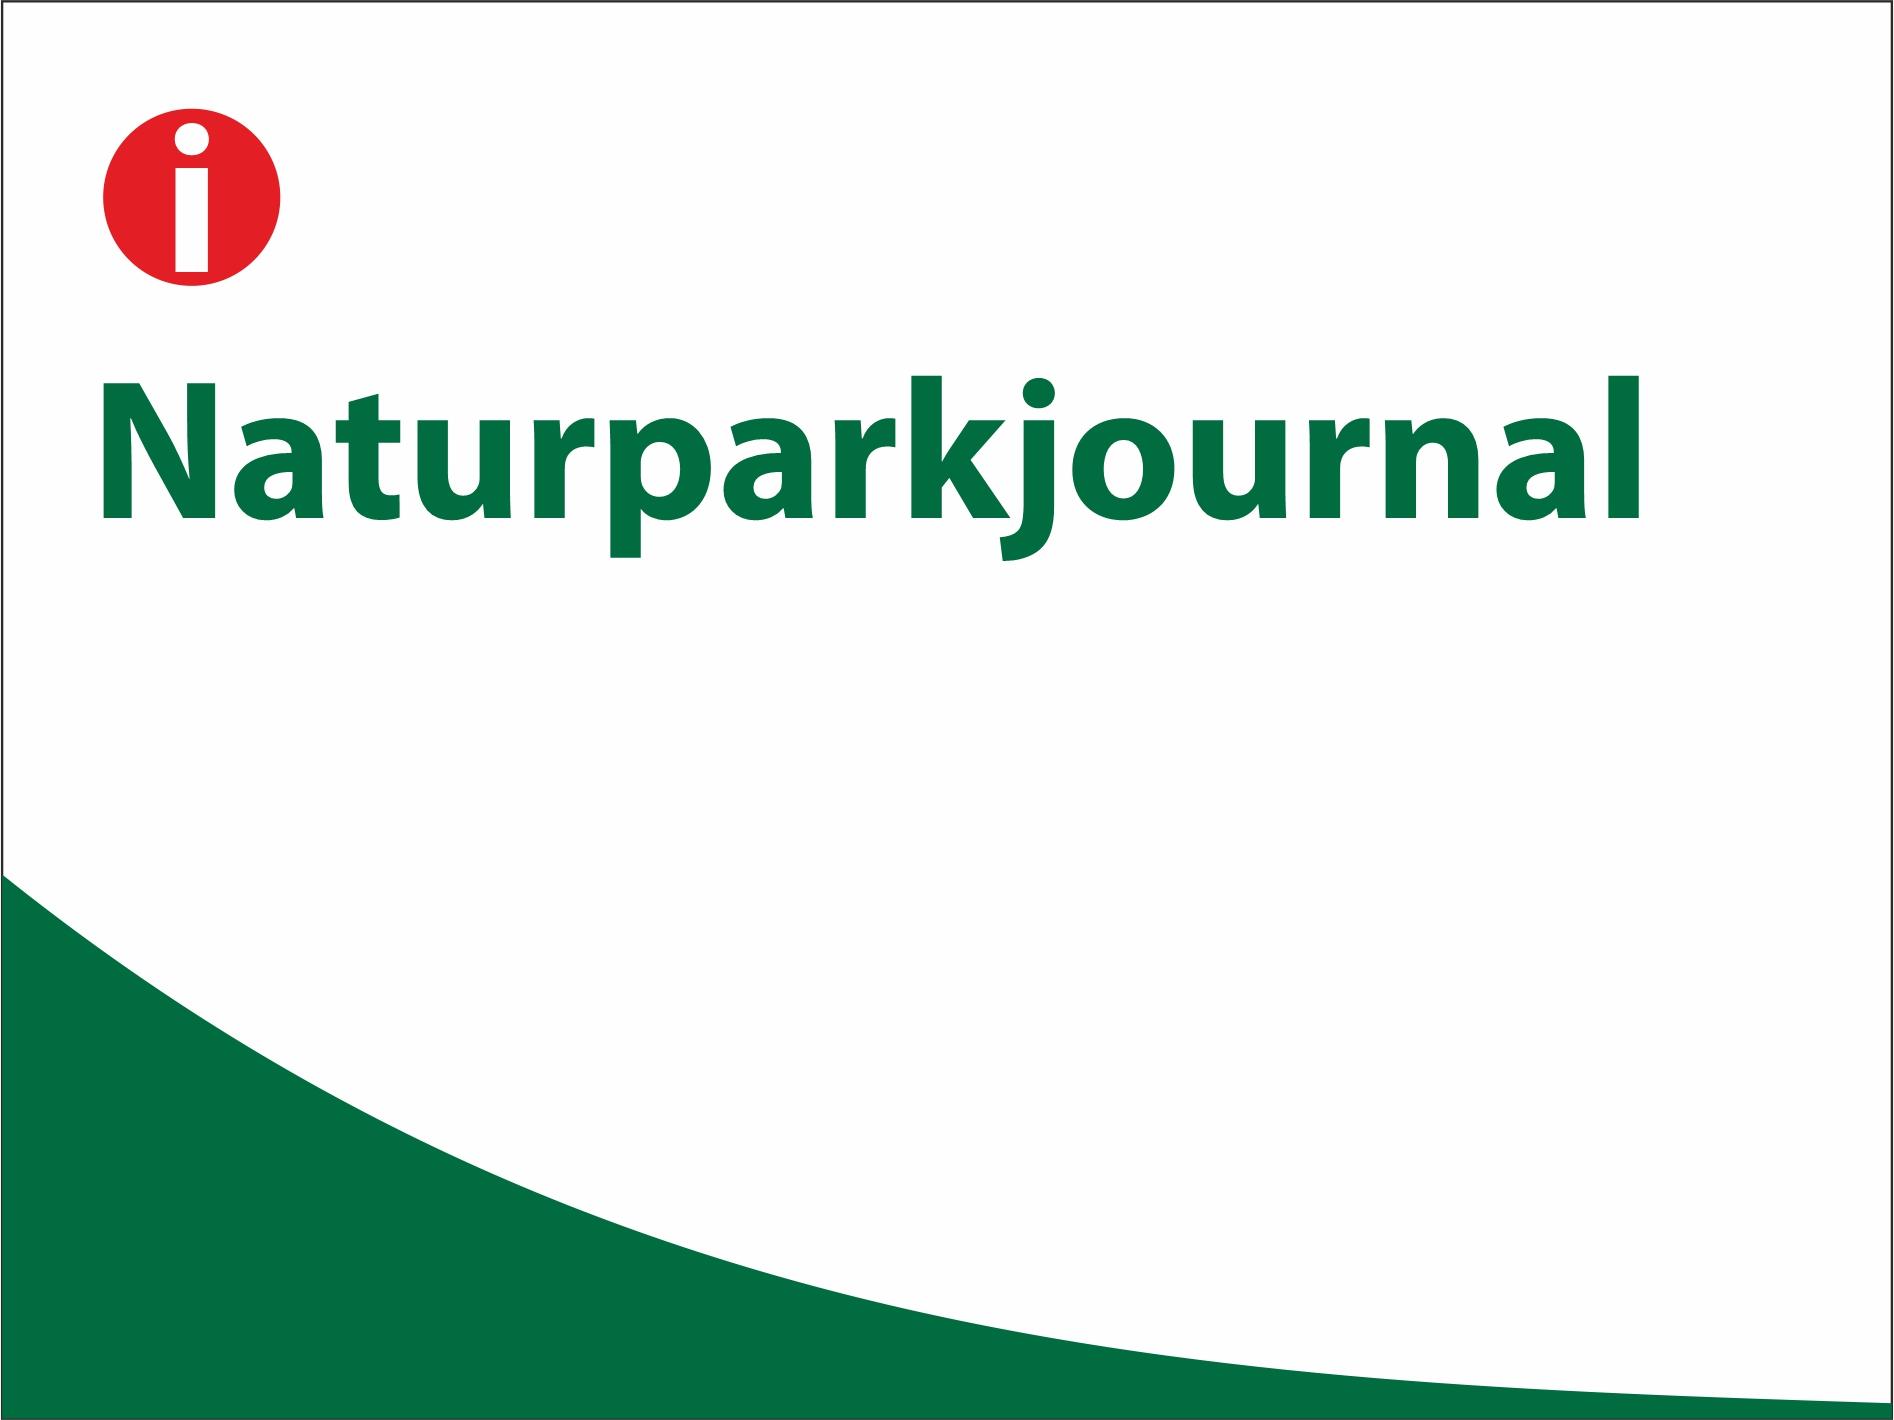 Naturparkjournal - Neuigkeiten aus dem Naturpark Fränkische Schweiz - Frankenjura